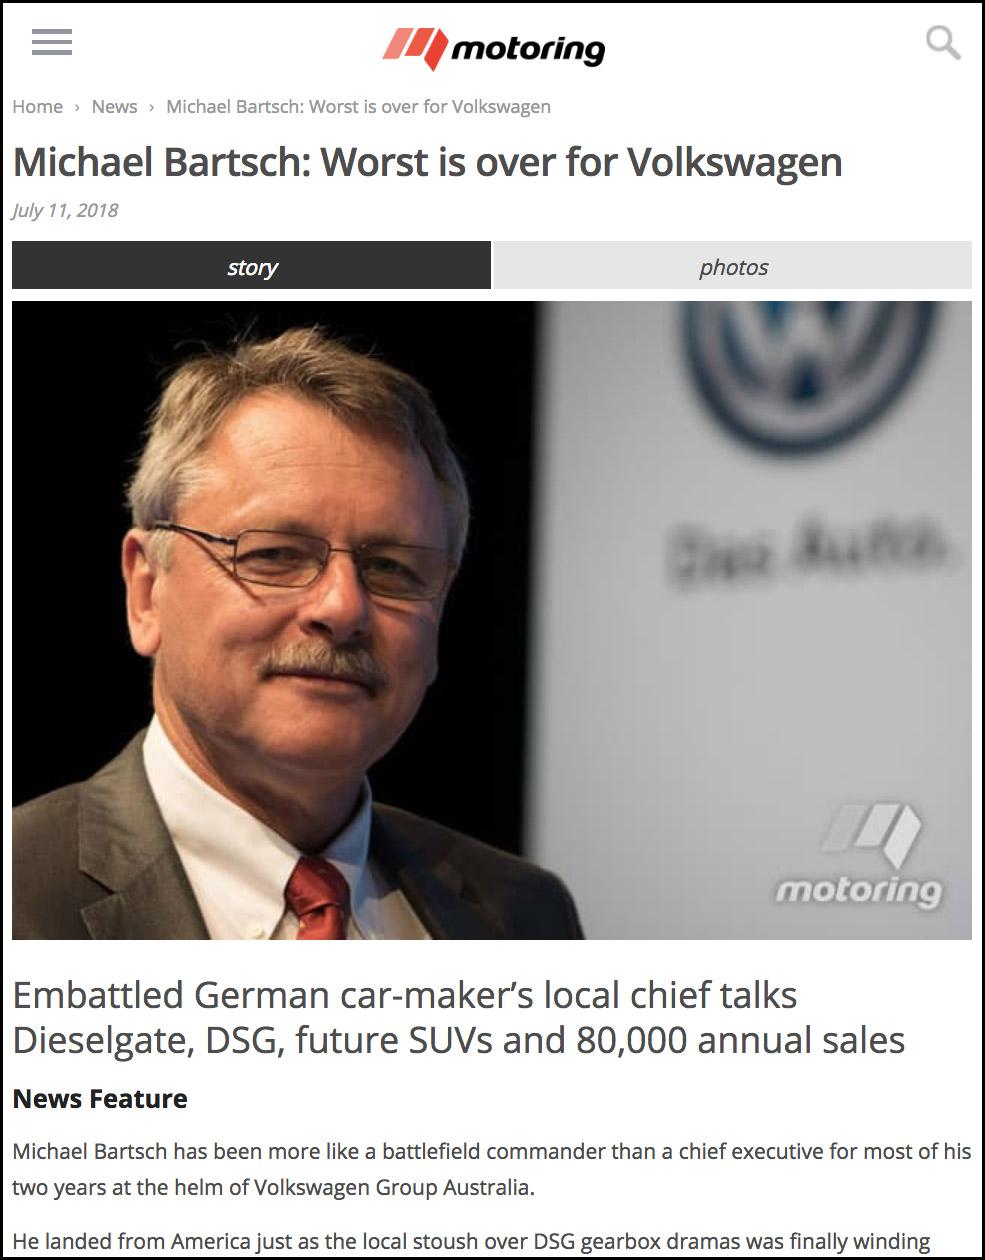 A motoring worst is over for volkswagen.jpg